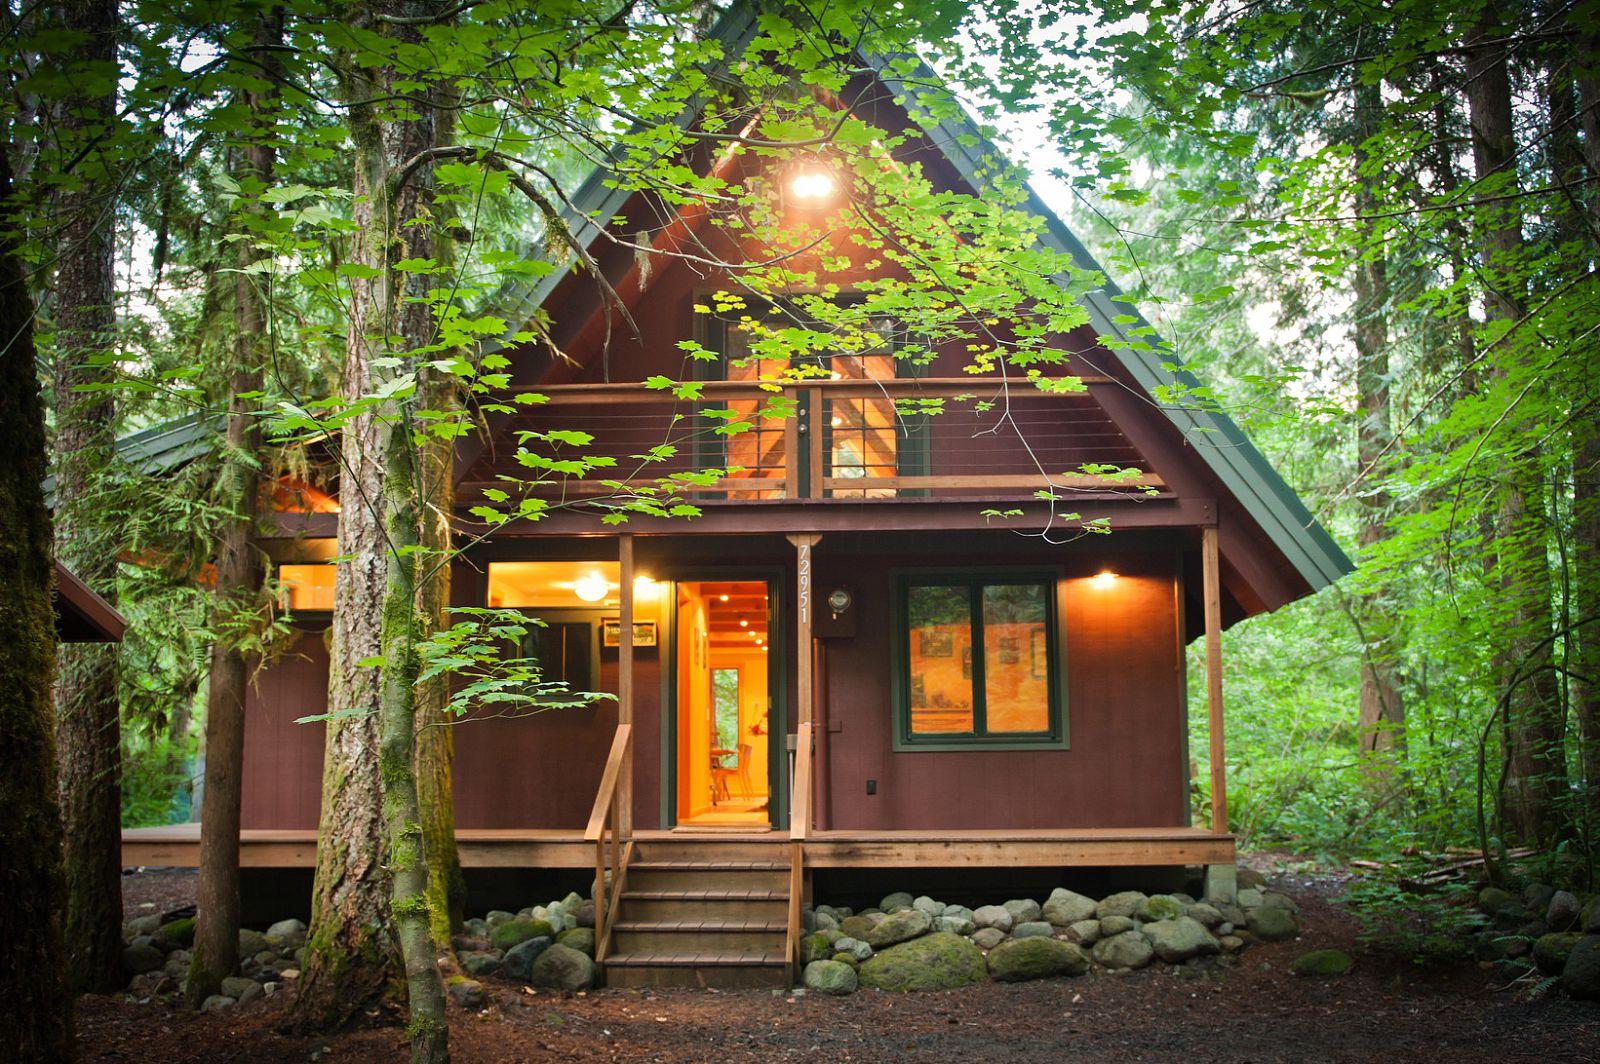 ผลการค้นหารูปภาพสำหรับ บ้านไม้กลางป่า